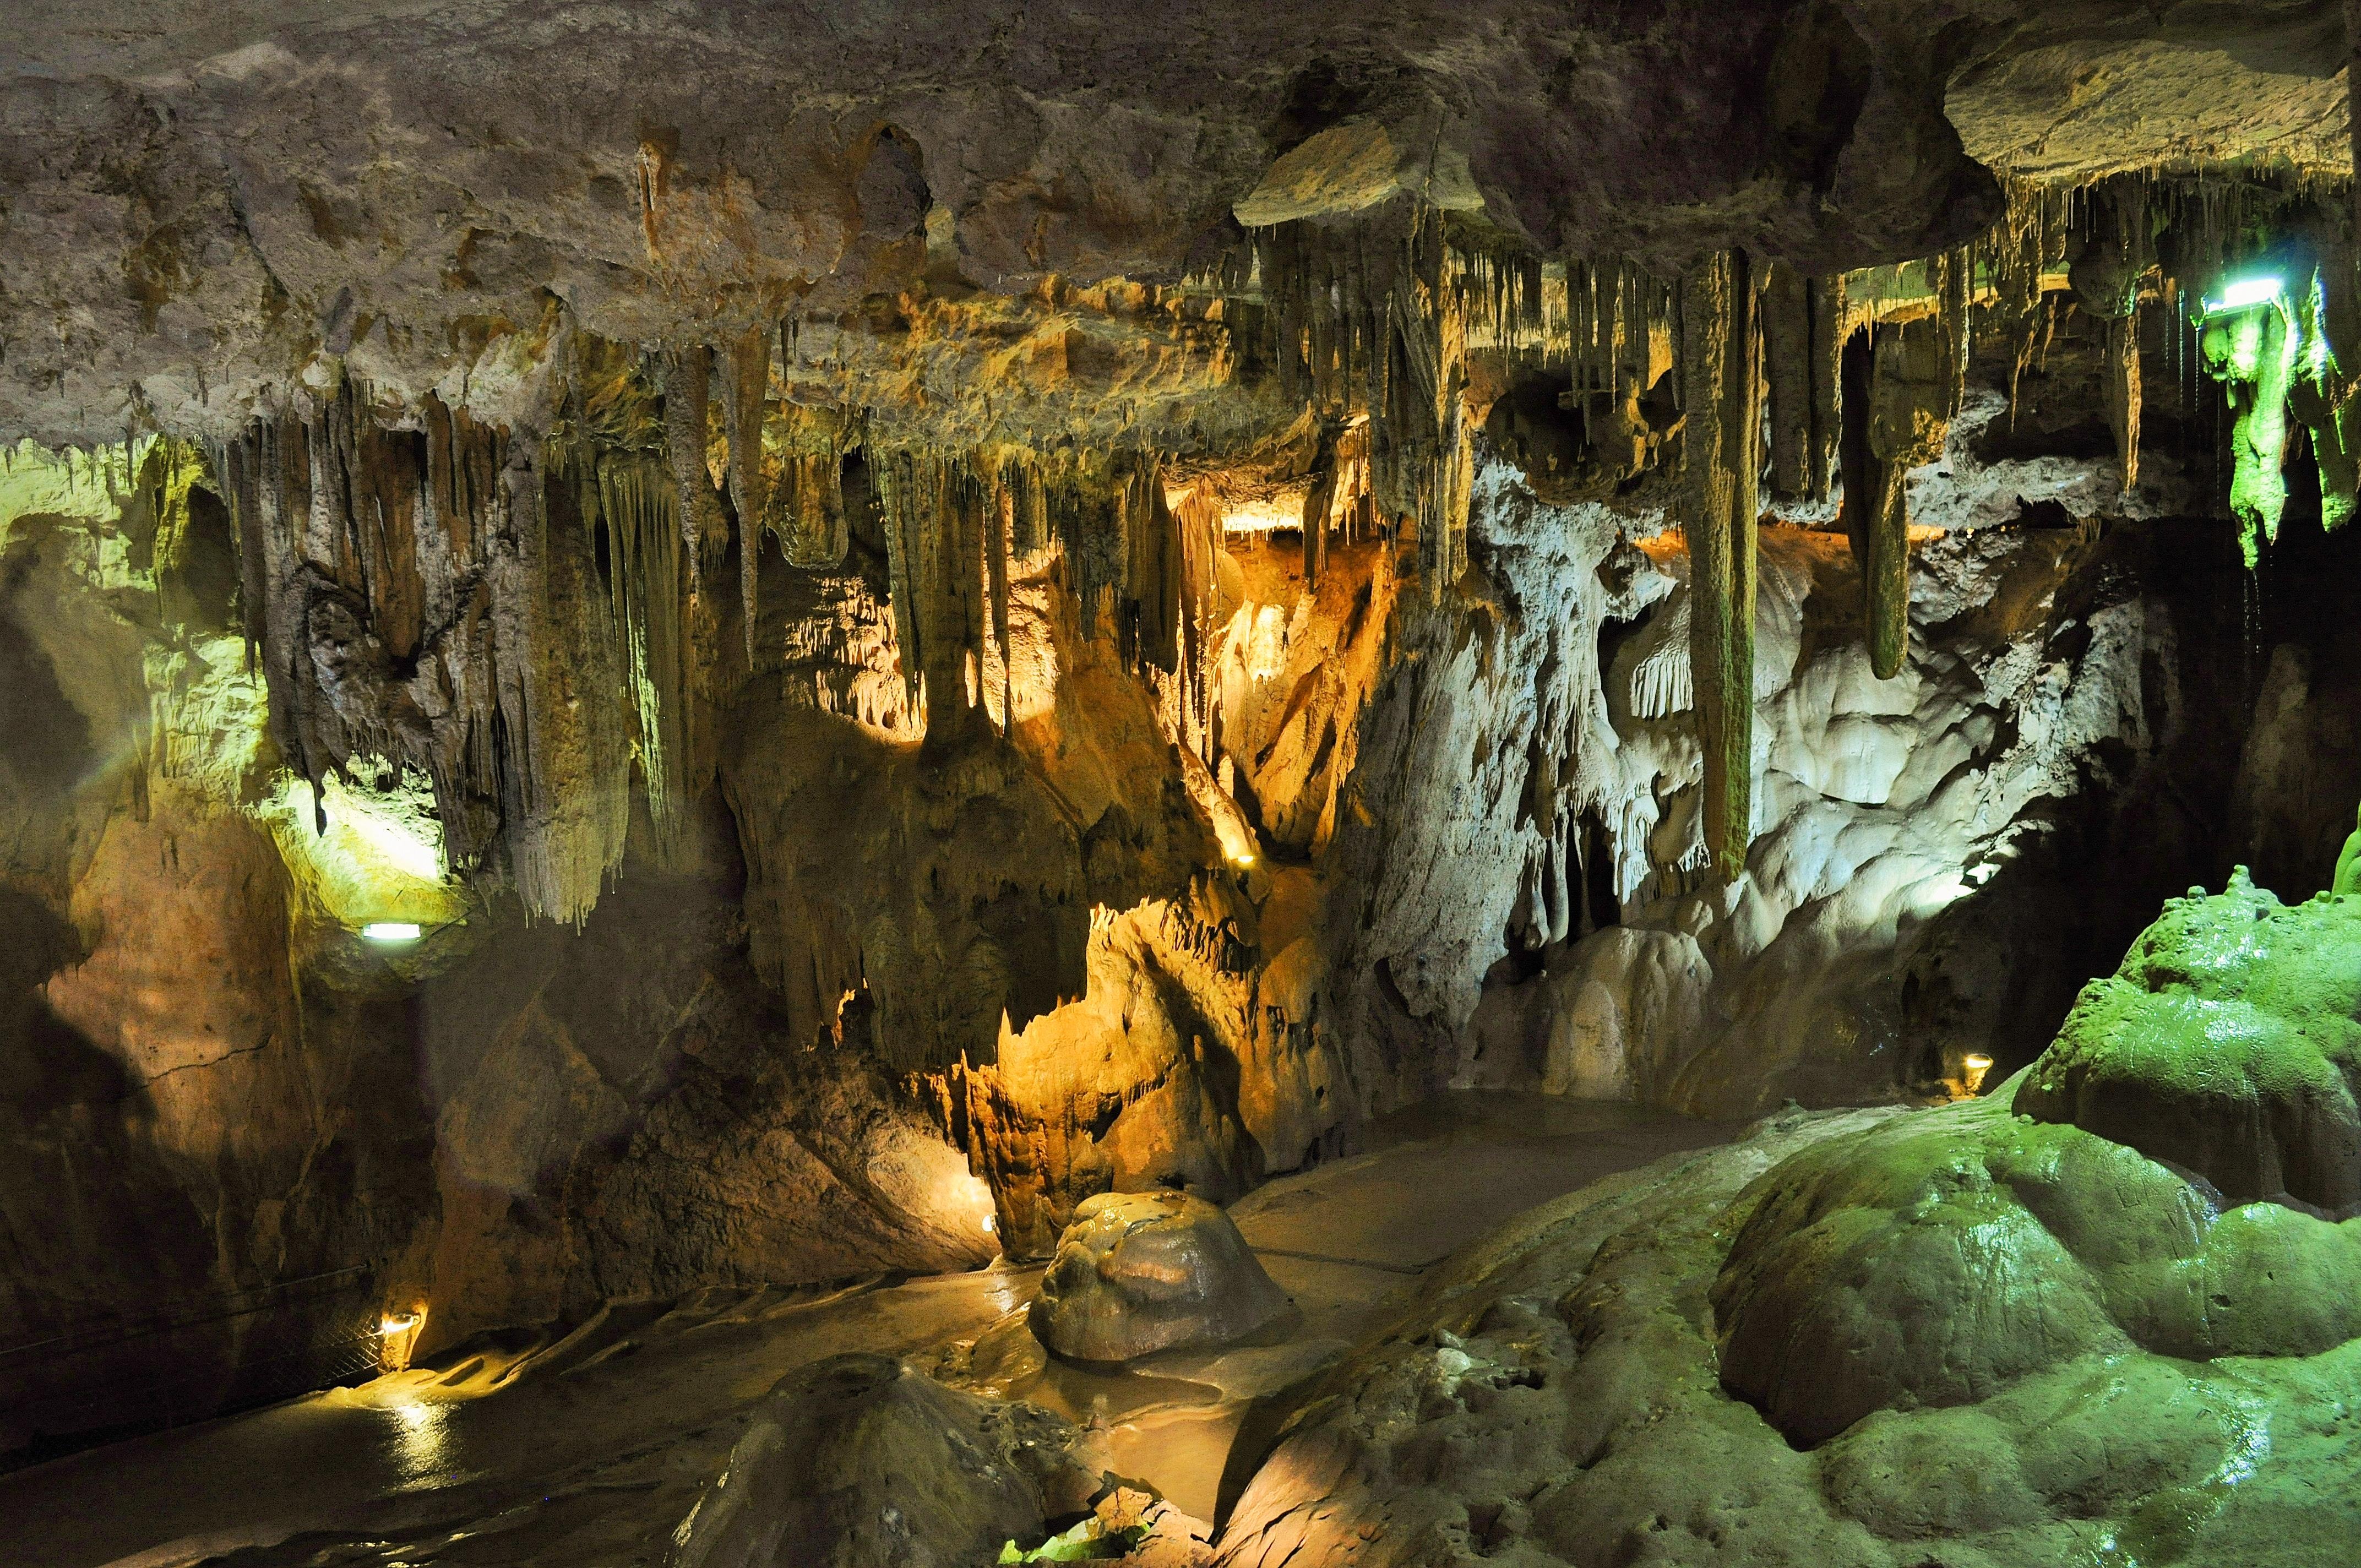 1363-grotte-de-betharram--saint-pe-de-bigorre-hautes-pyrenees-nouvelle-aquitaine.jpg